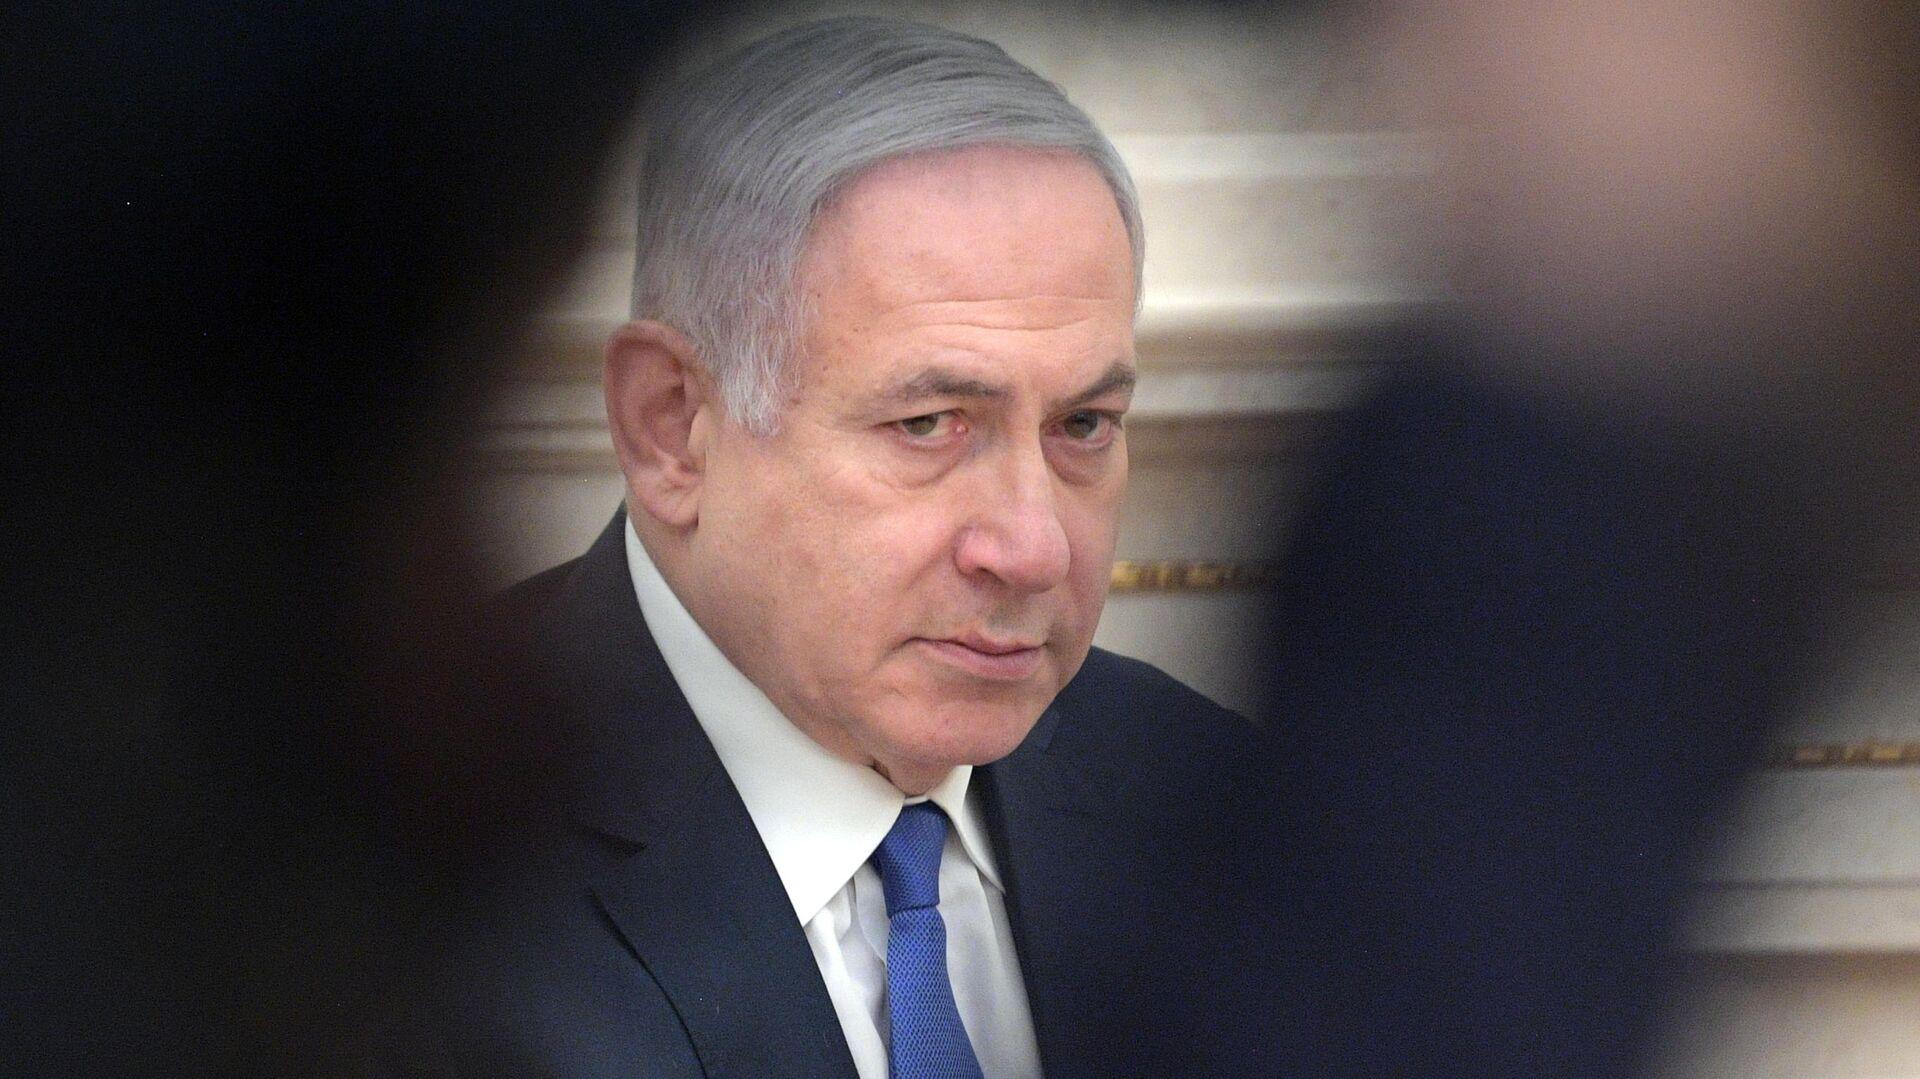 Премьер-министр Израиля Биньямин Нетаньяху во время встречи с президентом РФ Владимиром Путиным. 4 апреля 2019  - РИА Новости, 1920, 01.03.2021